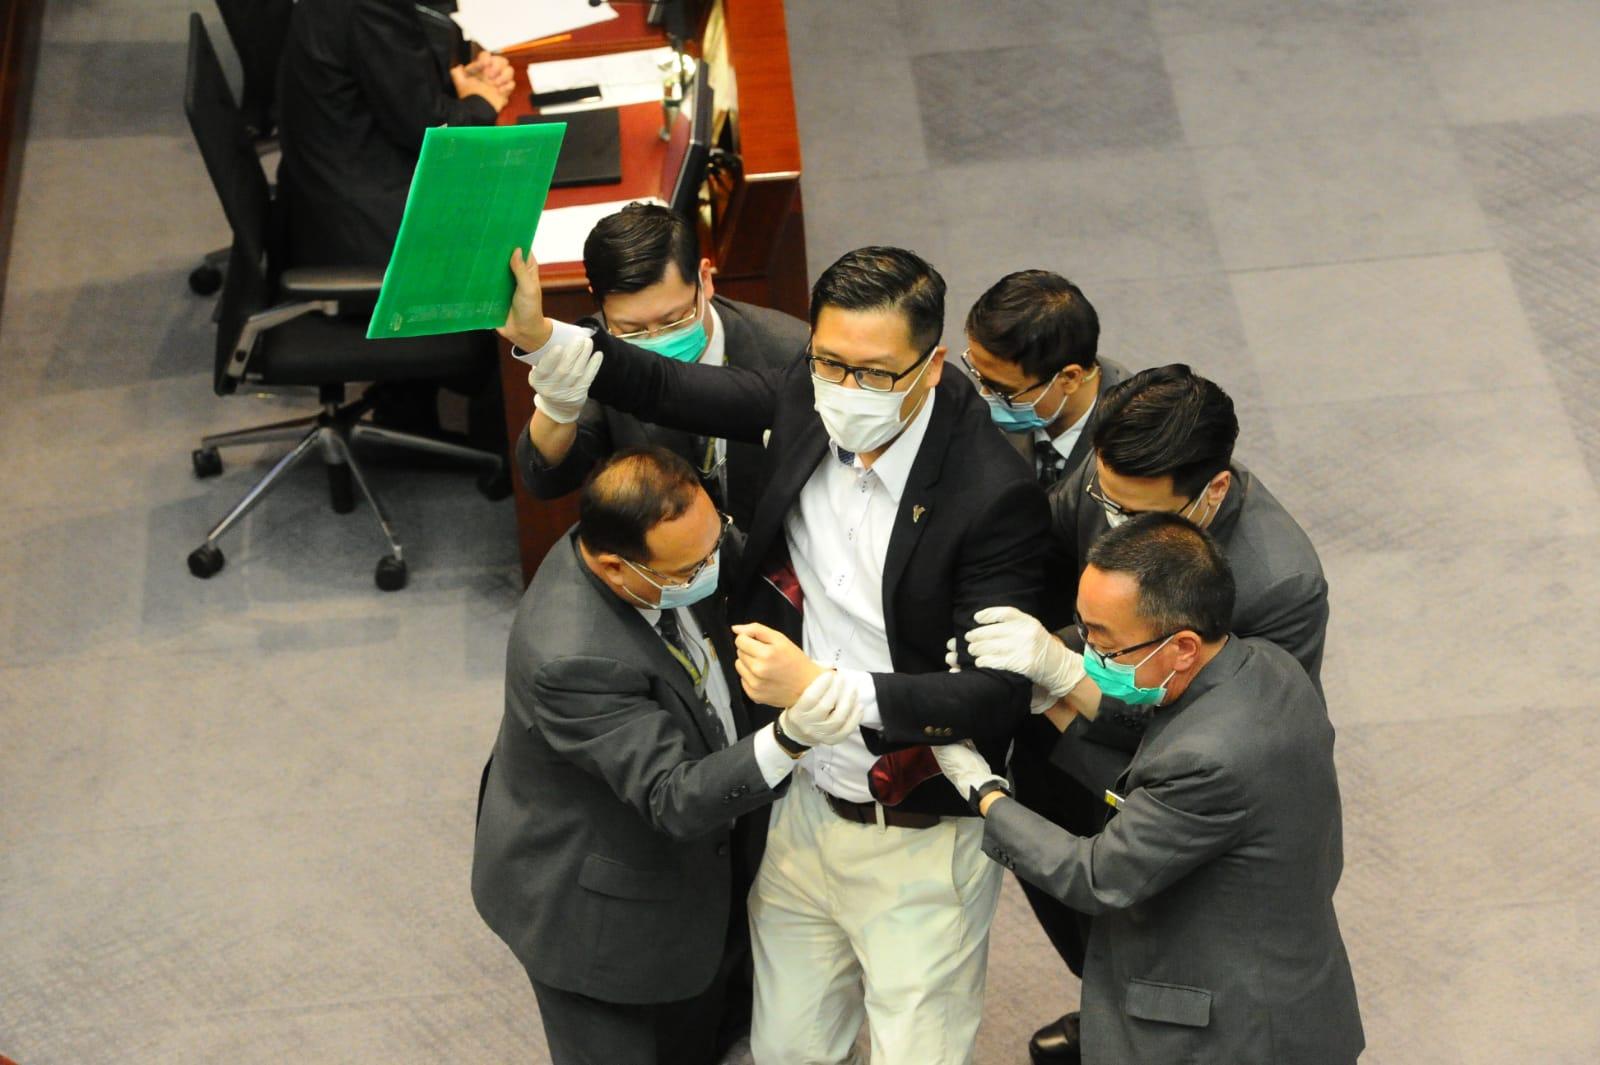 多名泛民議員被逐,立法會保安護李慧琼非法主持會議。(宋碧龍 / 大紀元)